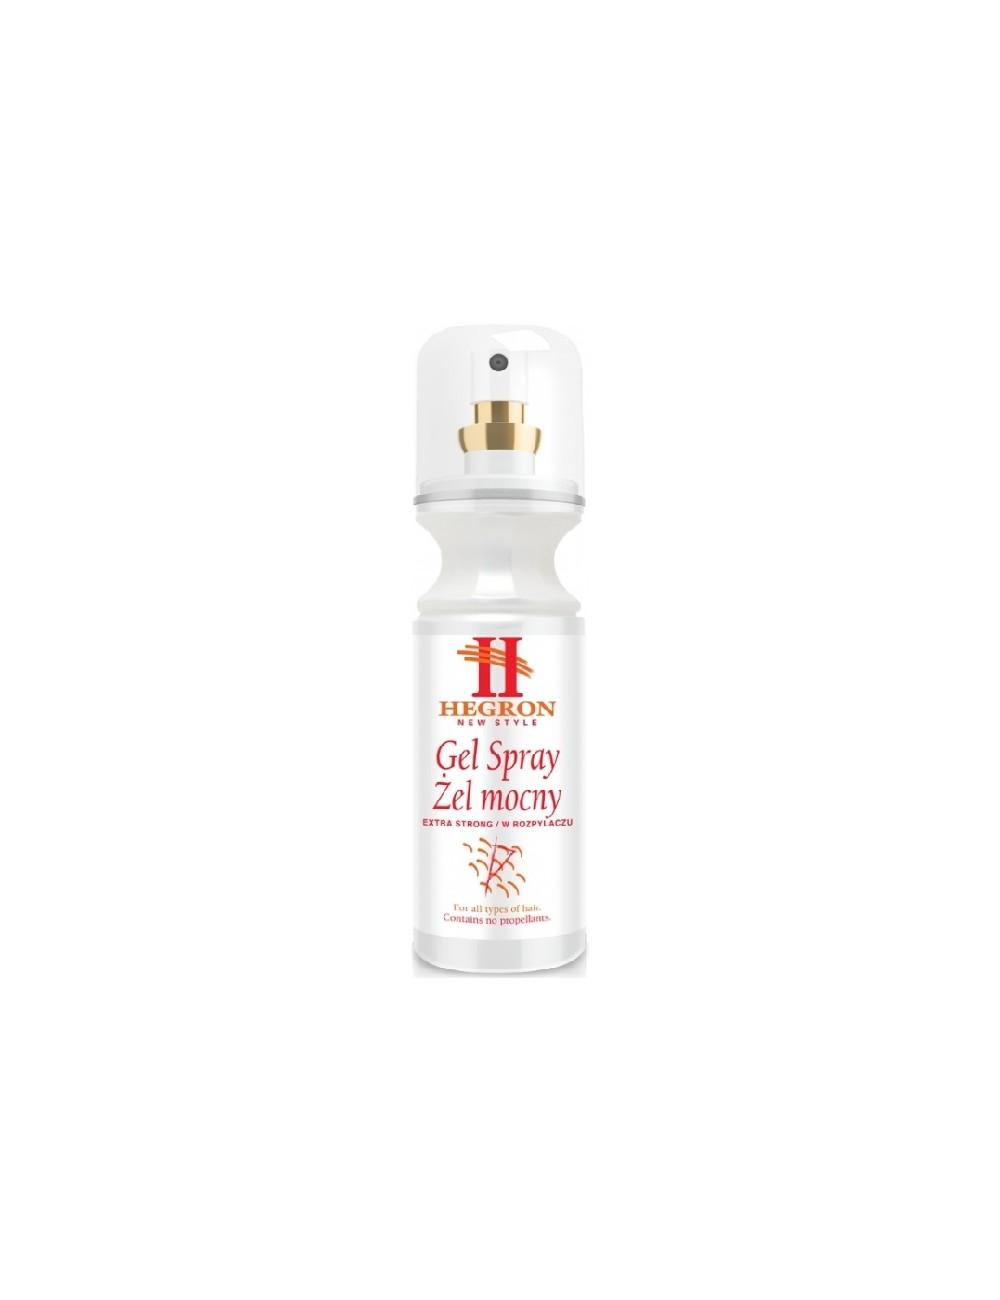 Hegron Gel Spray Extra Strong Holenderski Żel Mocny do Włosów w Sprayu 150 ml